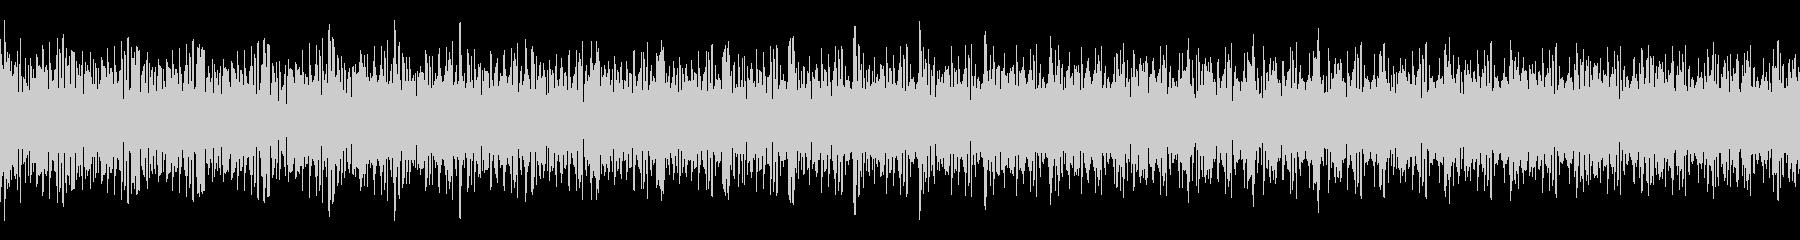 ガガガガガガ (ループ仕様のマシンガン)の未再生の波形